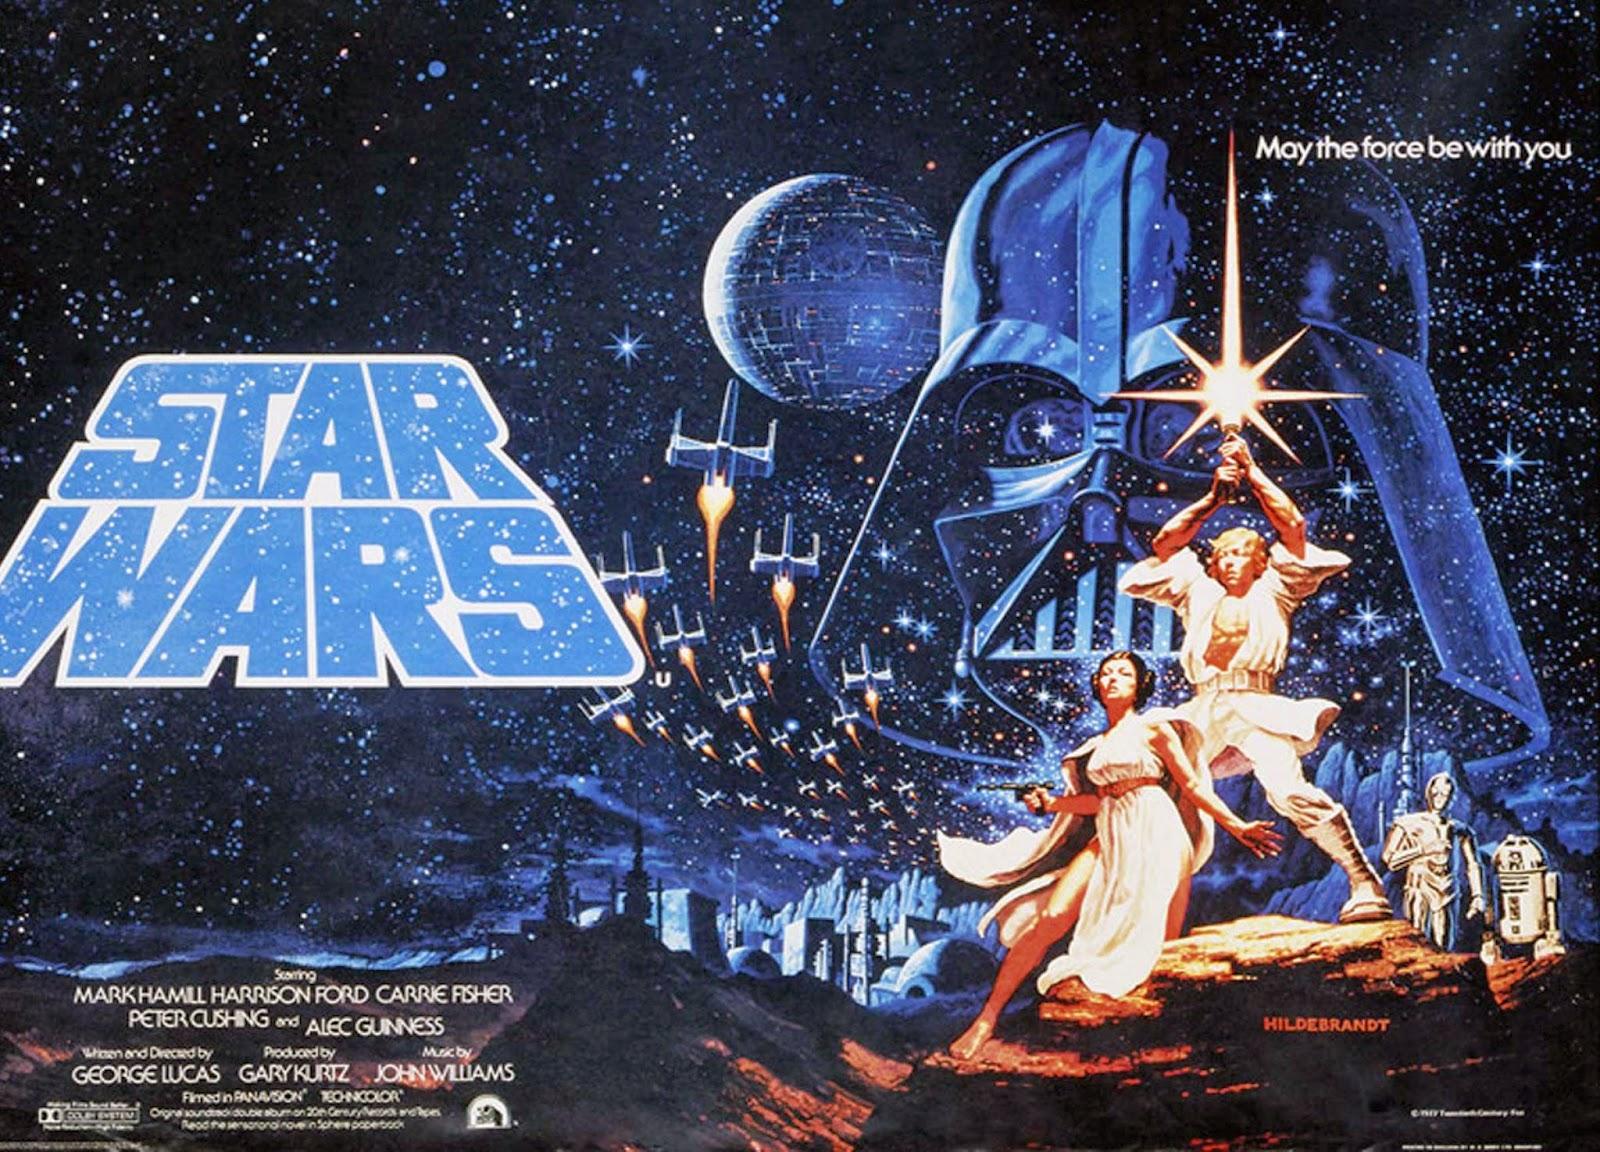 La Guerra de las Galaxias portada original